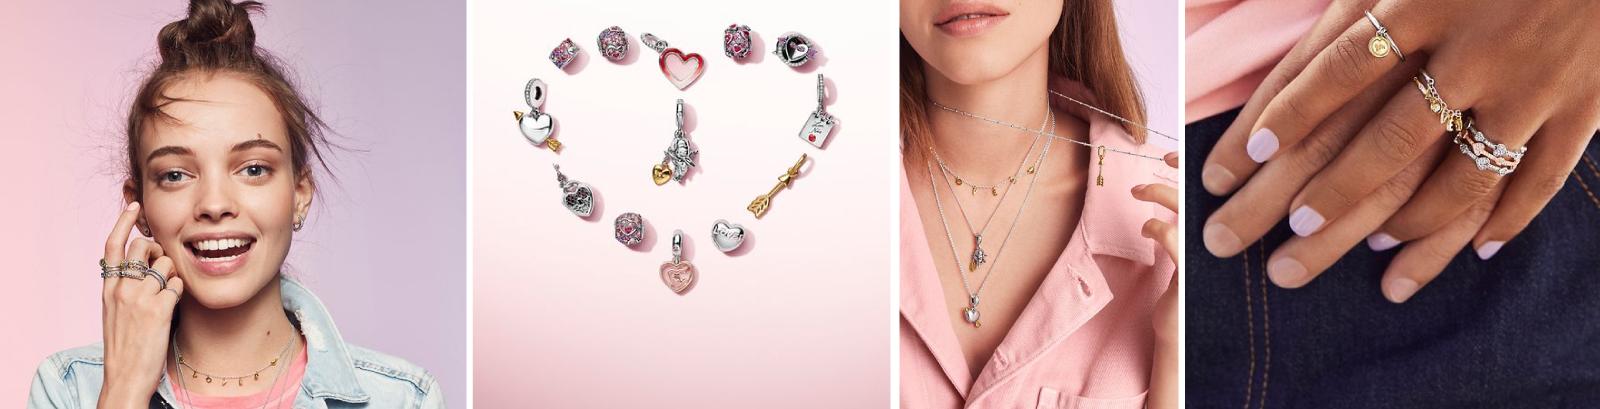 Pandora-vier-de-liefde-valentijn-ringen-ketting-cadeautje-Wolters-Juweliers-Coevorden-Emmen